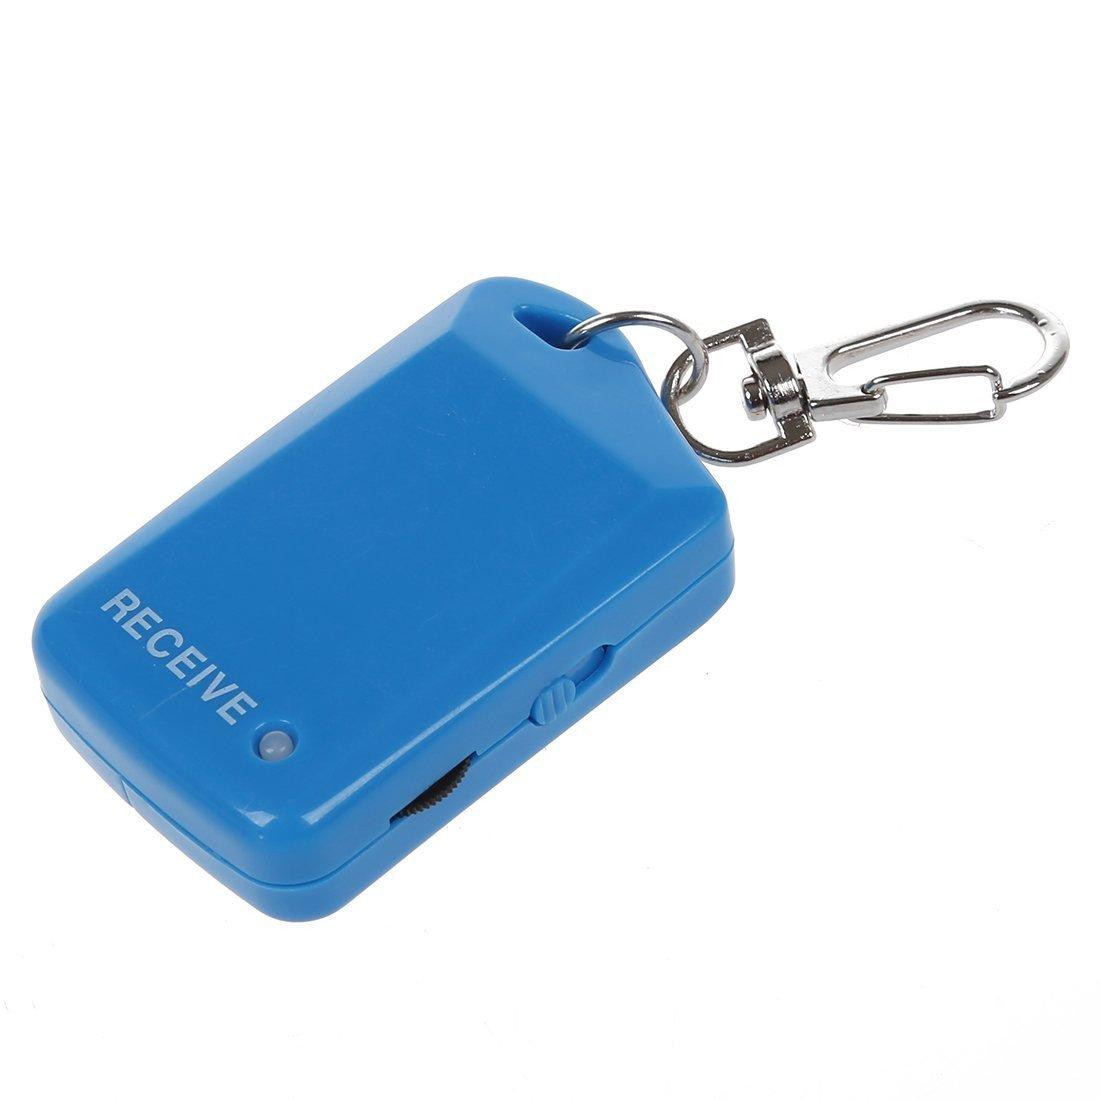 TOOGOO(R) Pulsera de seguridad para ninos Anti-perdida dispositivo de alarma para proteger al nino al aire libre 027795